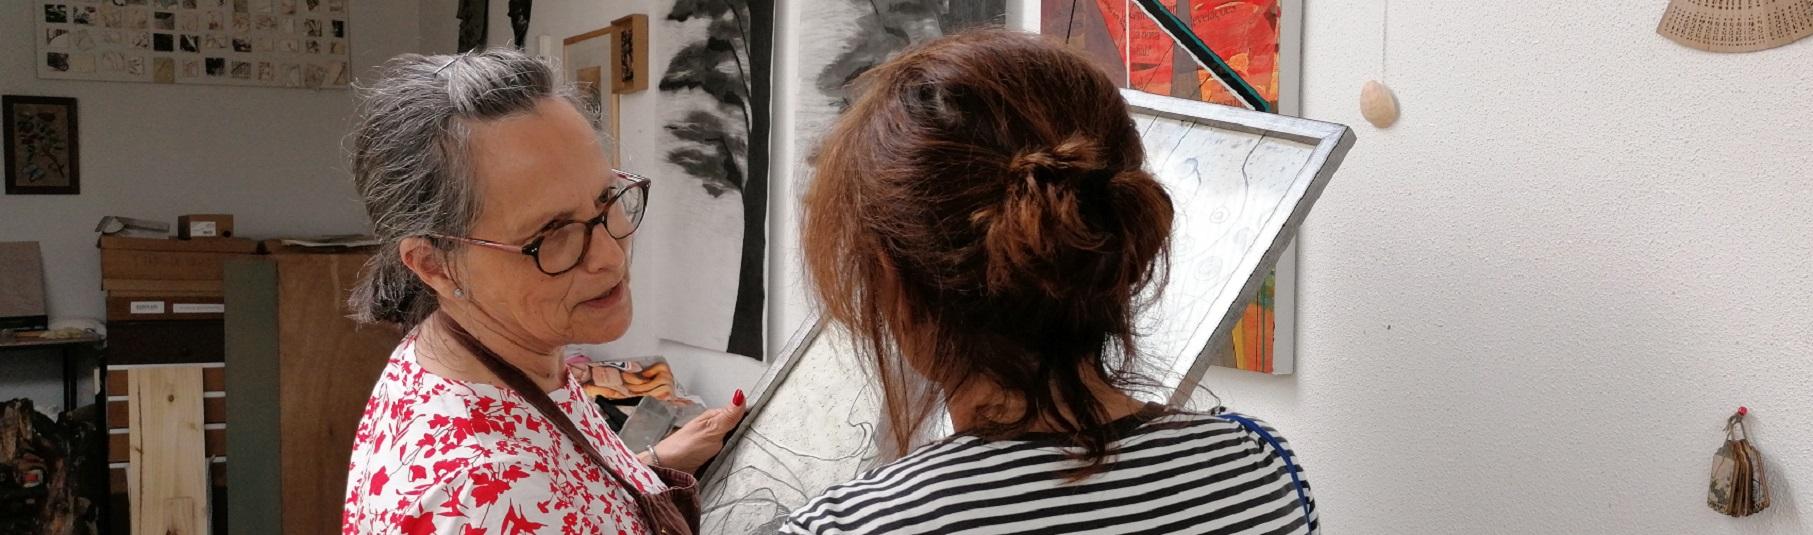 Visita ao atelier de Maria Afonso